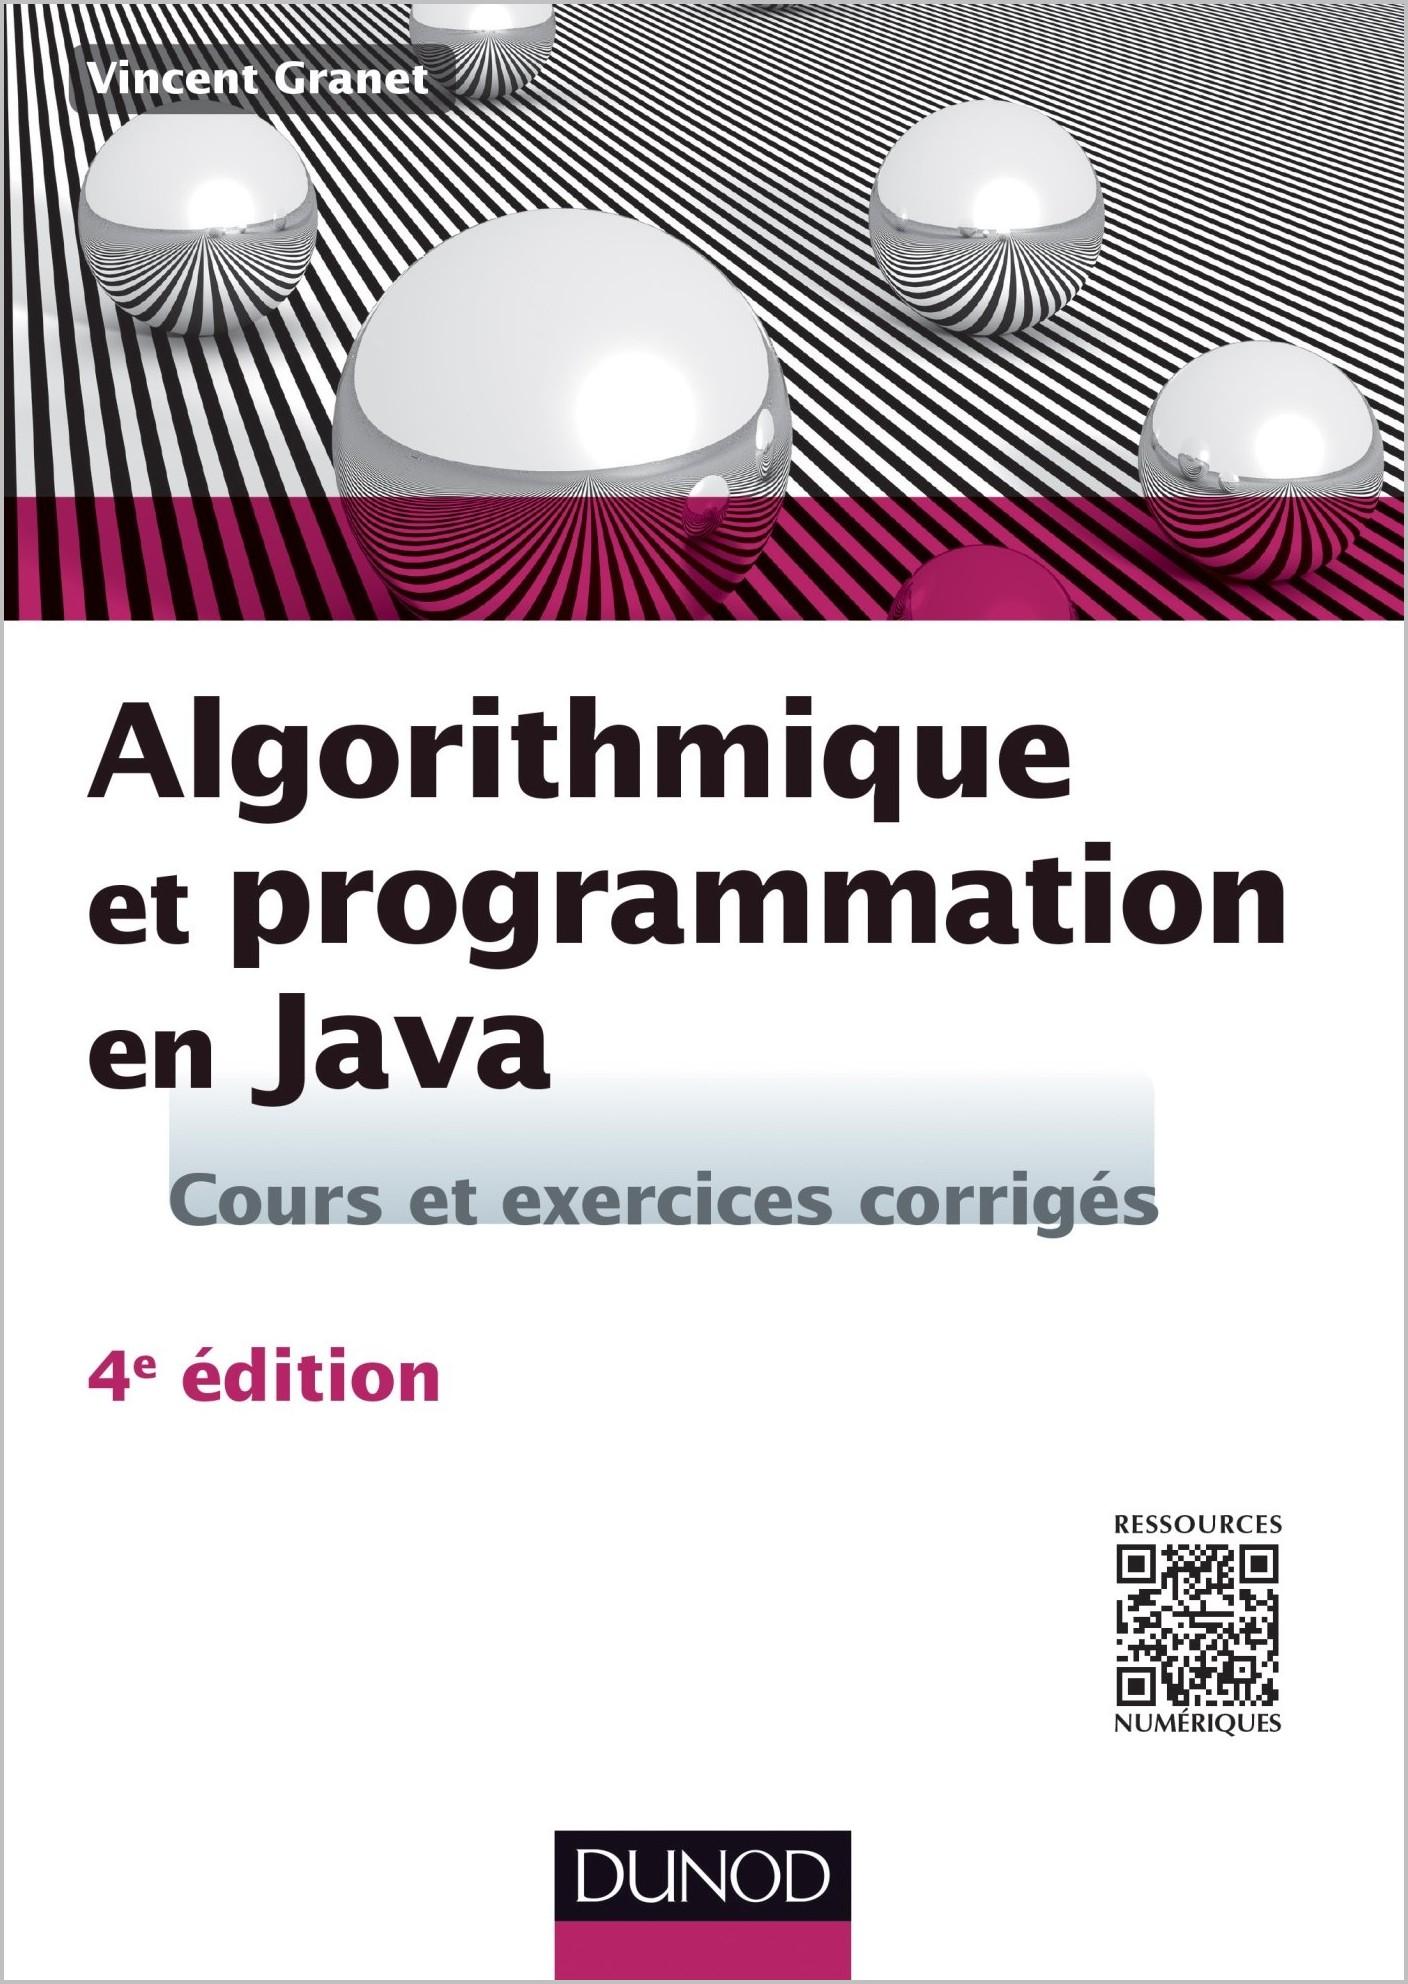 Algorithmique et programmation en Java – Cours et exercices corrigés